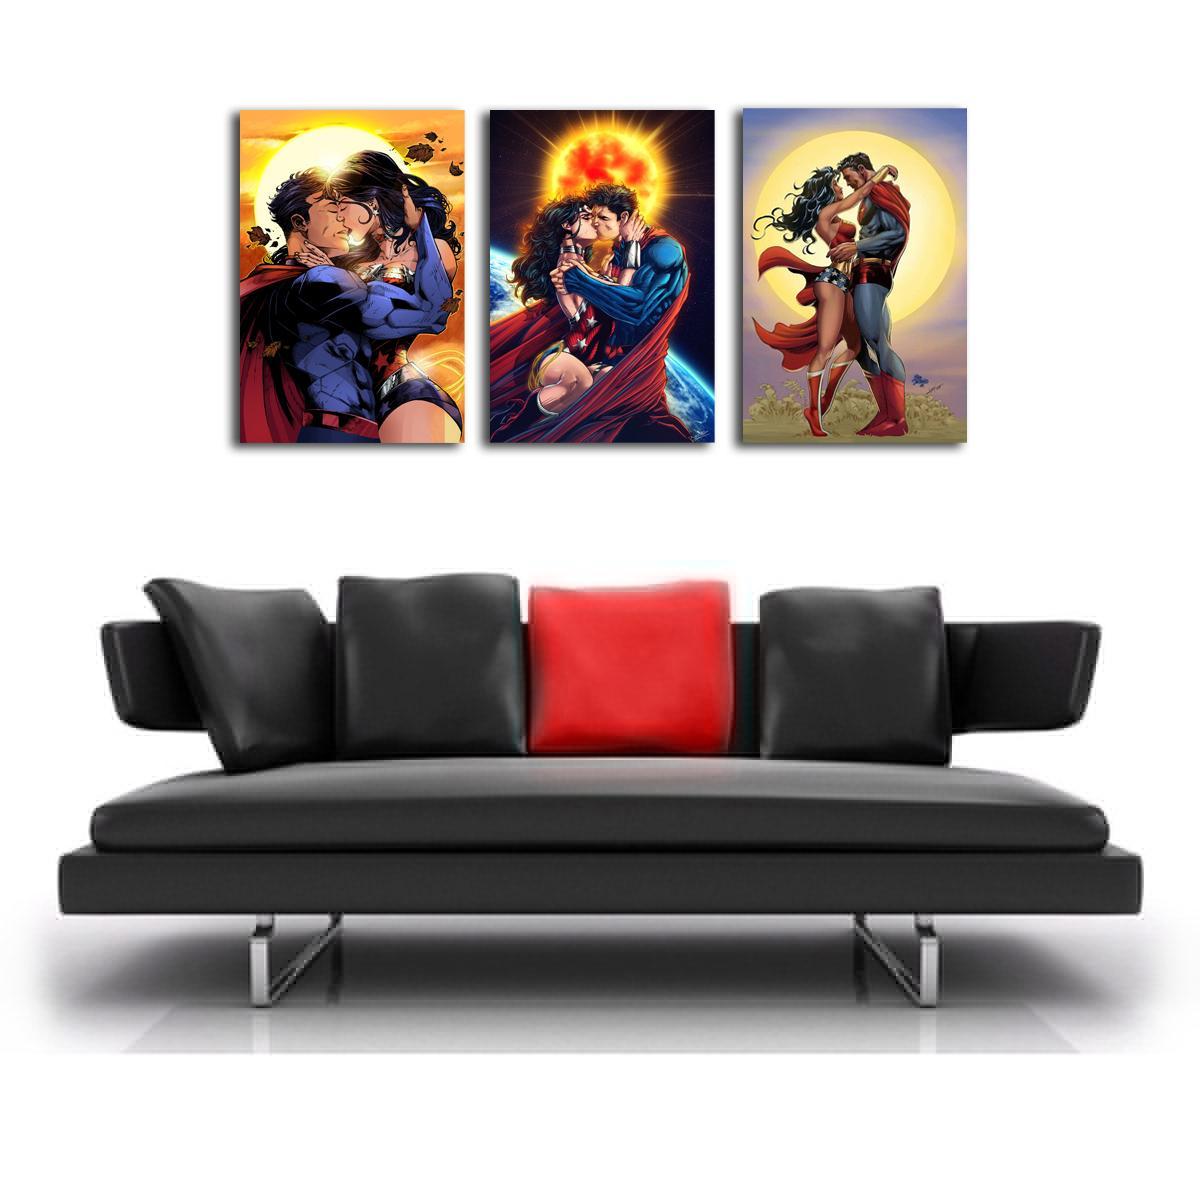 Süpermen Ve Wonder Woman 3 Parça Ev Dekorasyonu Hd Baskılı Modern Sanat Boyama Tuval çerçevesiz çerçeveli